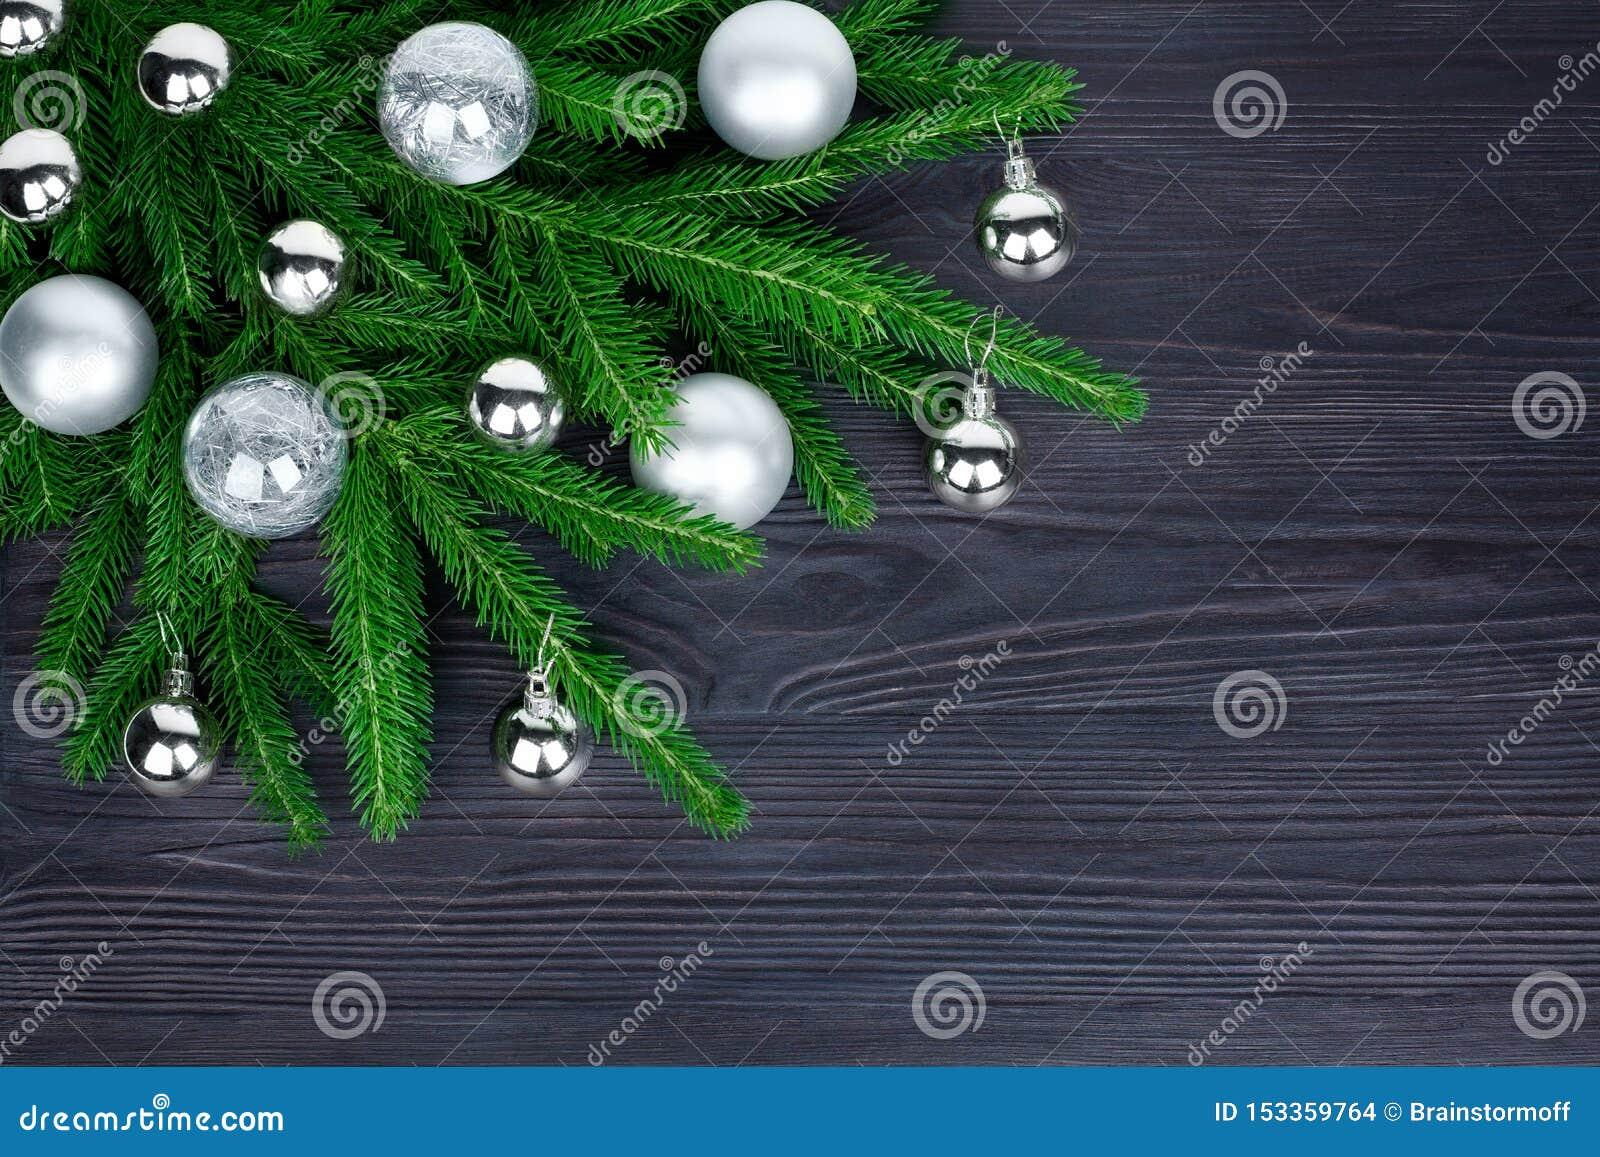 Frontera de la esquina festiva de la Navidad, marco decorativo del Año Nuevo, decoraciones de plata brillantes de las bolas de cr